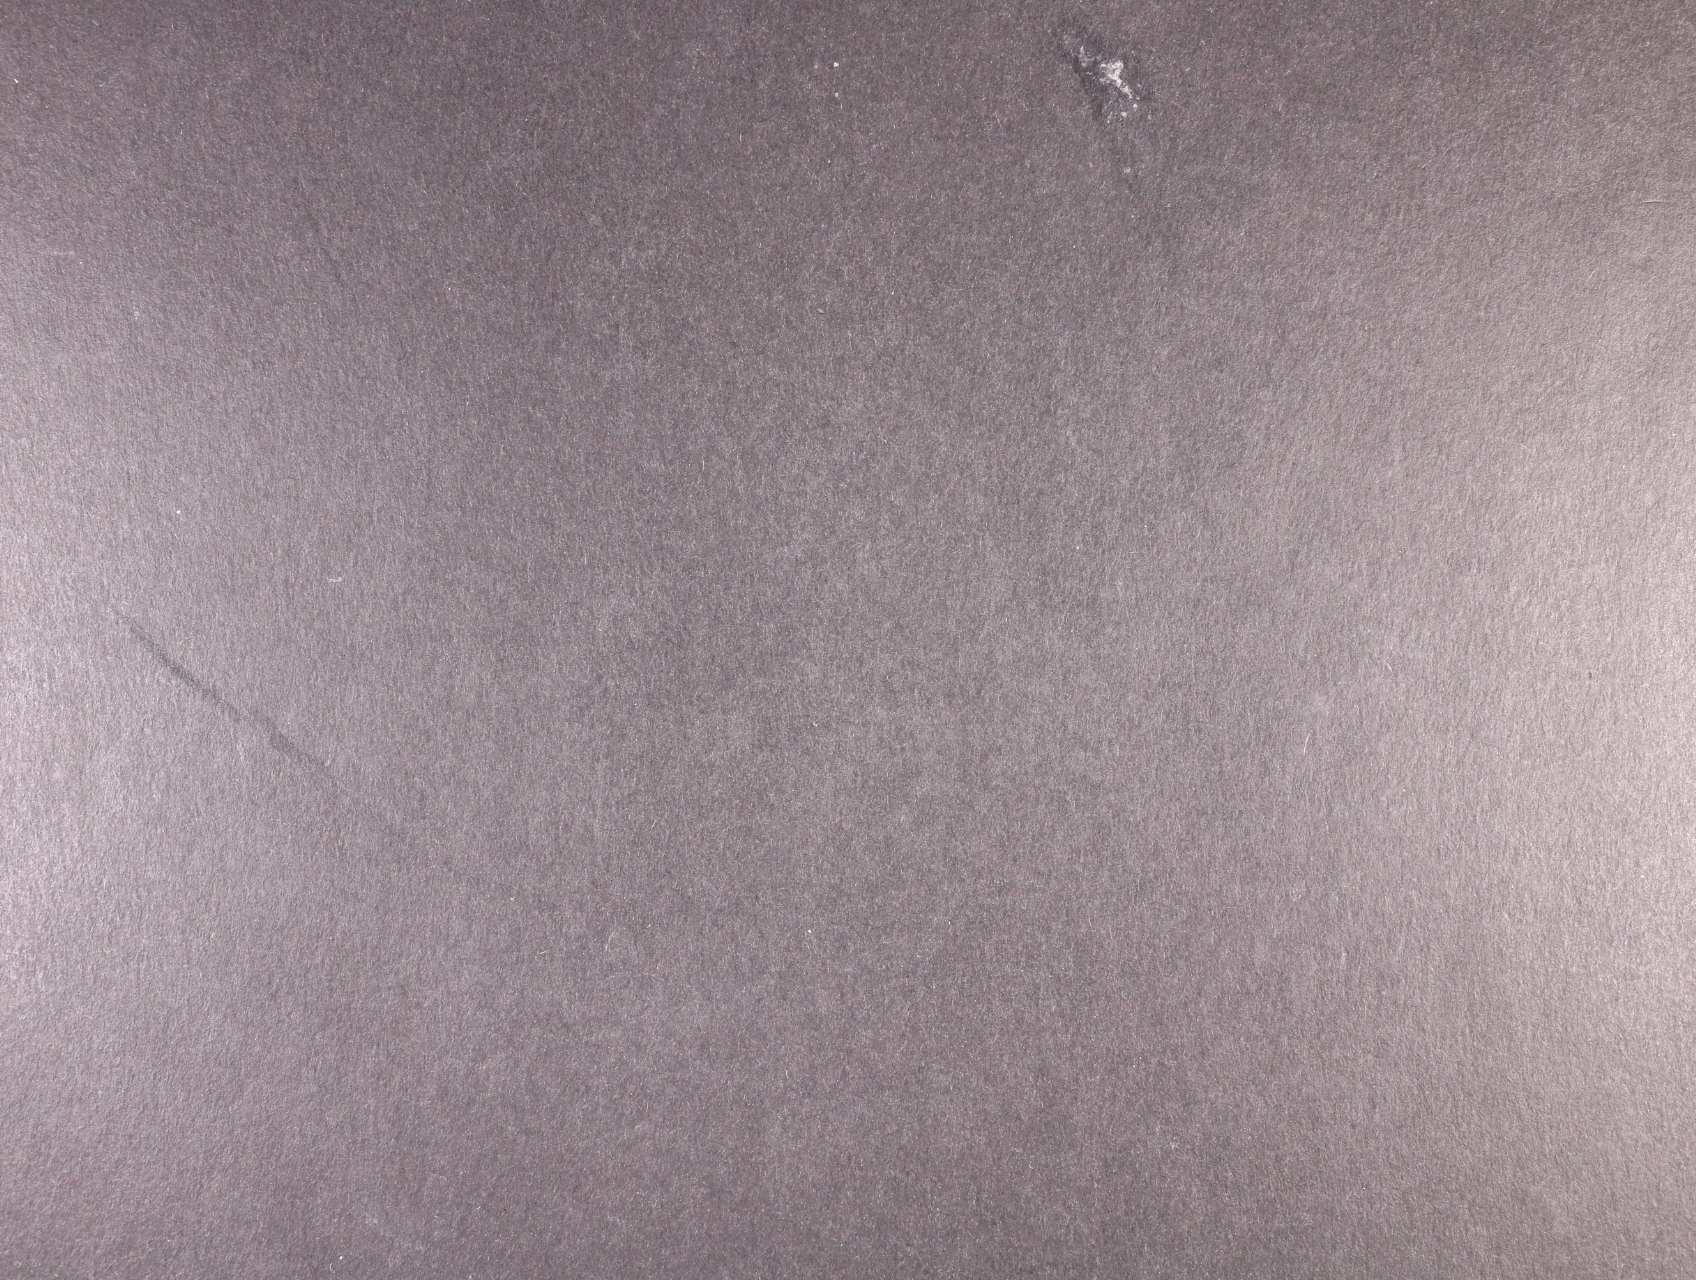 Černá Hora - menší nekompl. sbírka zn. z let 1874 - 1910, cca 800 EUR, uloženo na zasklených listech